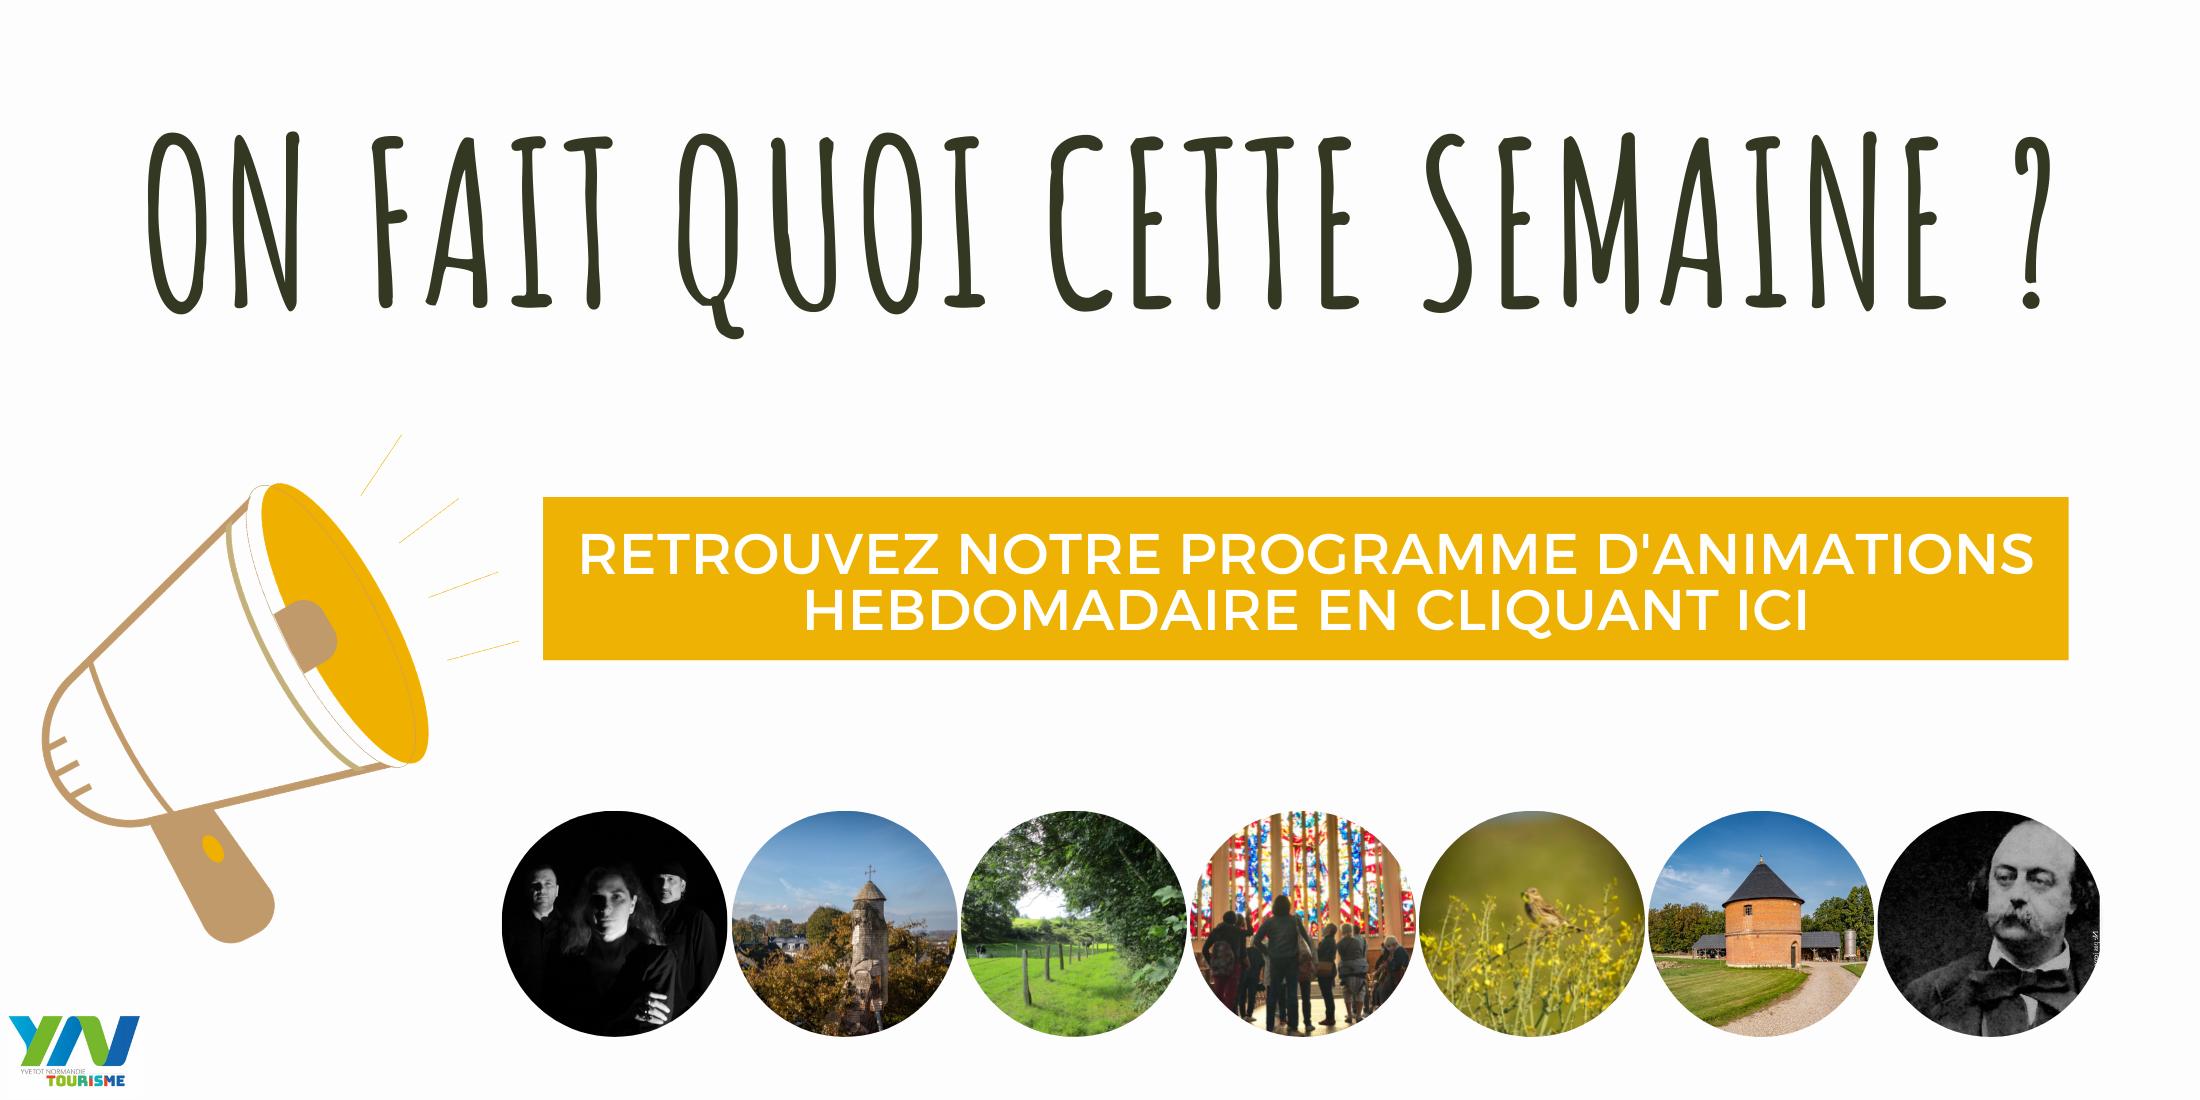 Retrouvez le programme des animations sur le territoire d'Yvetot Normandie en cliquant ici